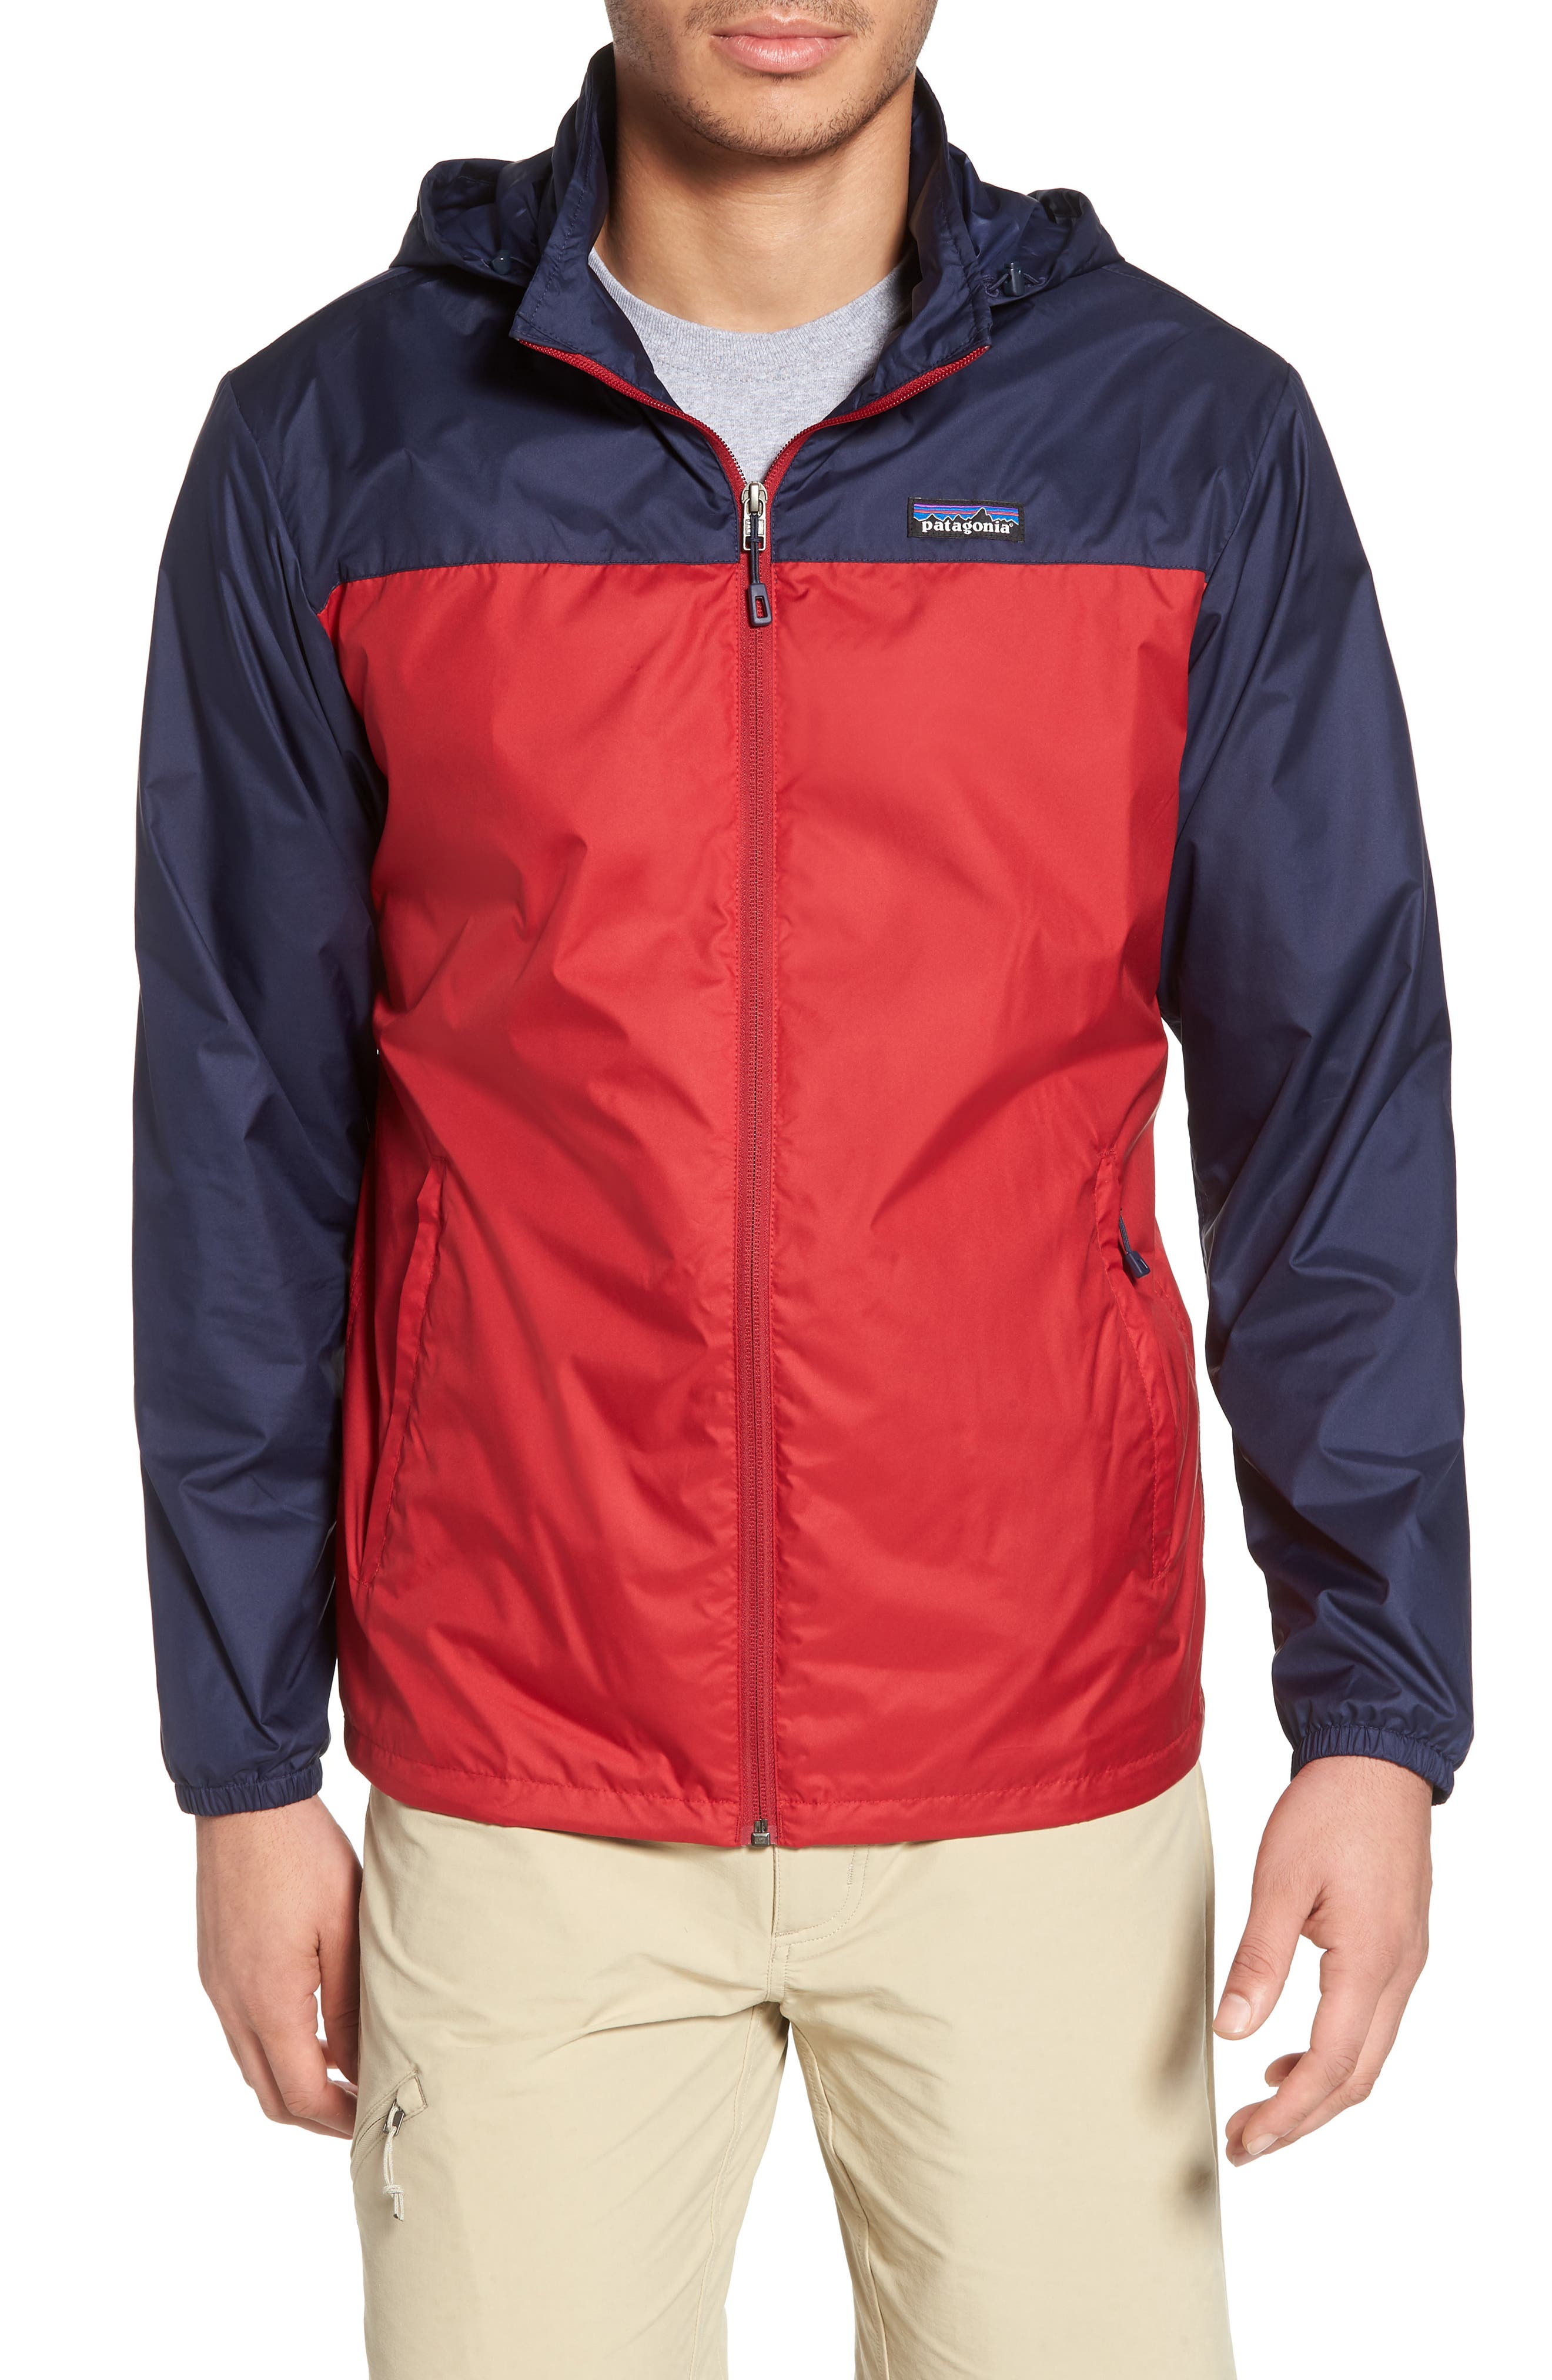 Patagonia Light & Variable™ Wind & Water Resistant Hooded Jacket